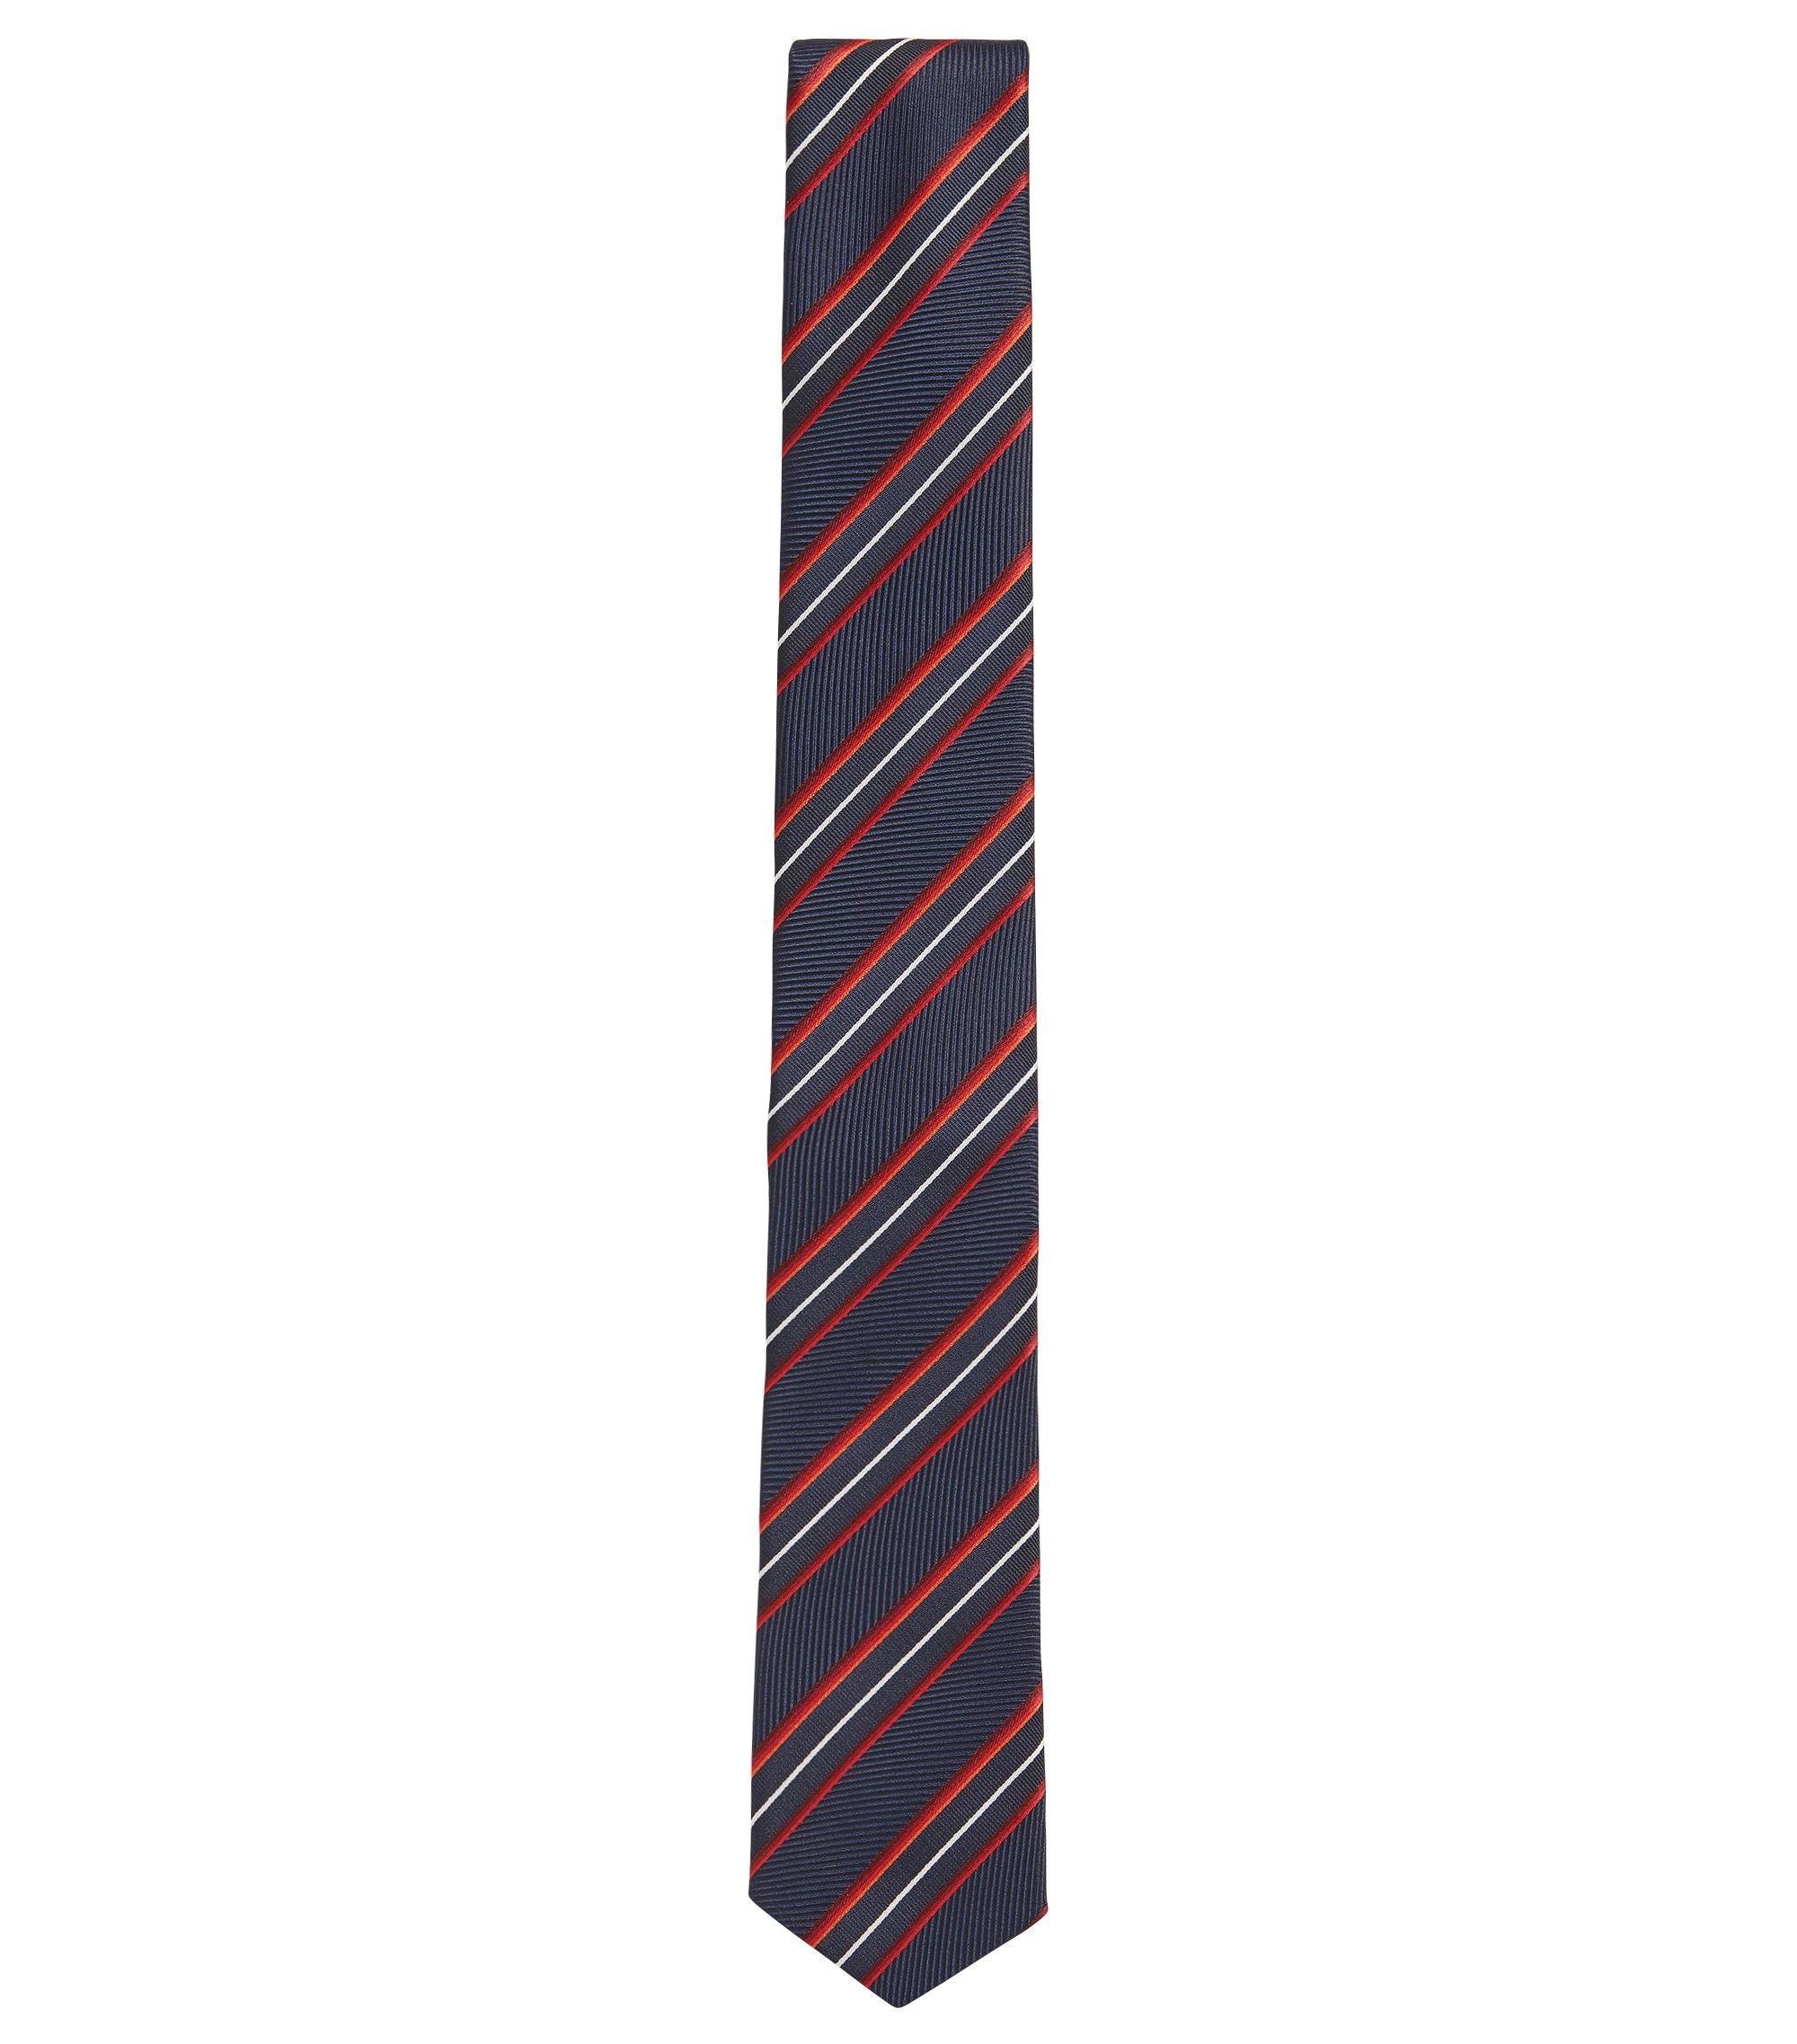 Corbata de seda con textura a rayas y extremo en punta, Rojo